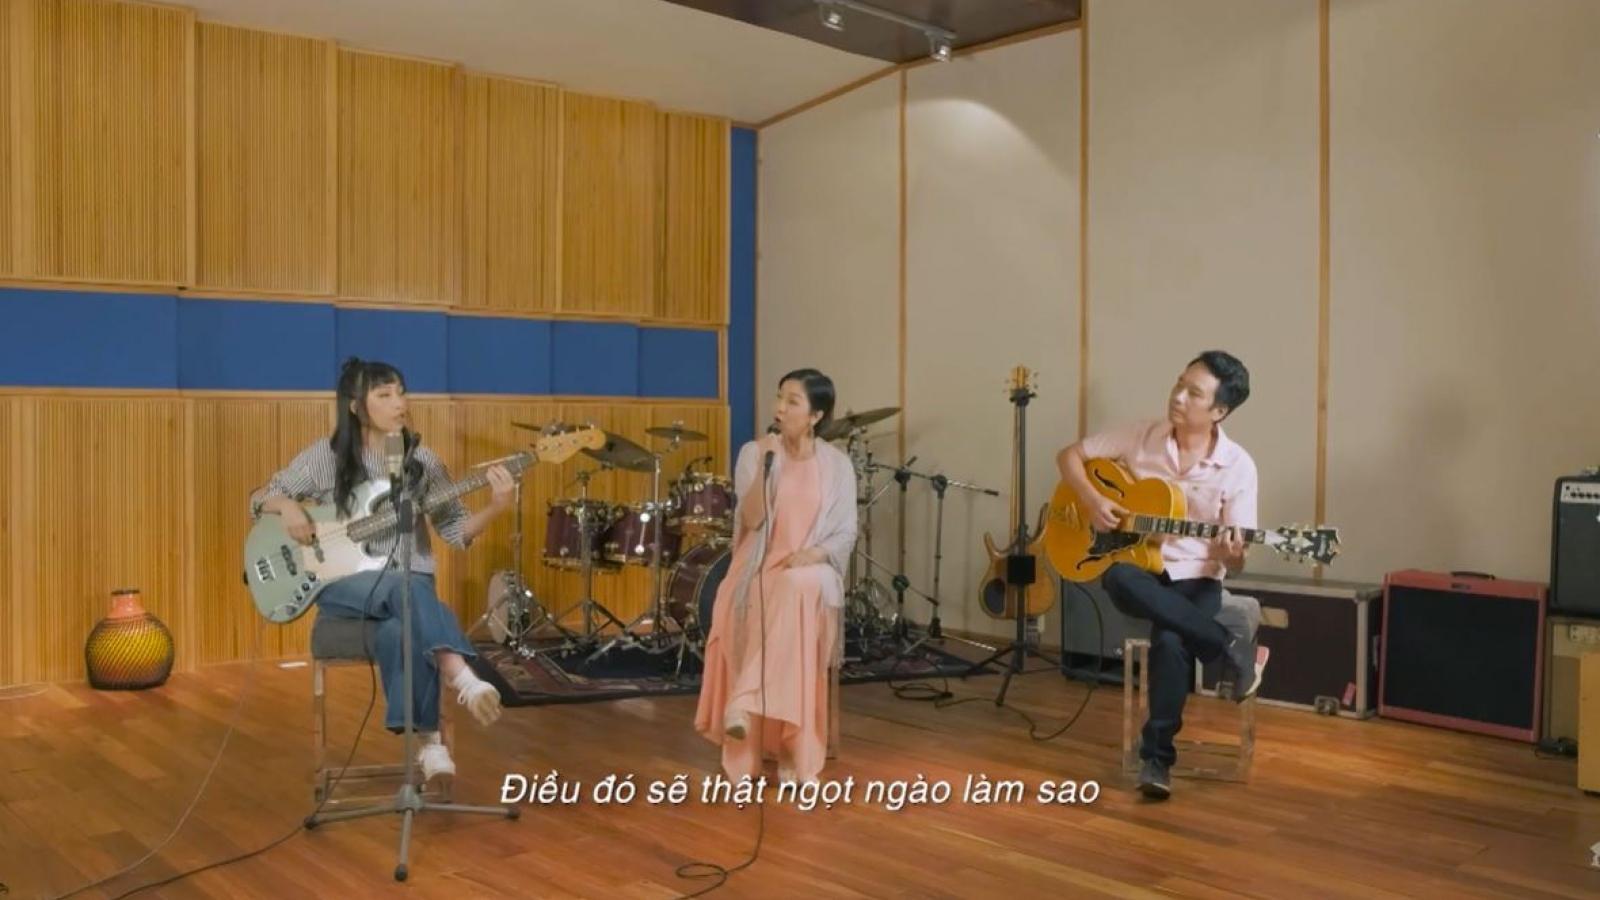 Mỹ Anh đánh đàn bass, song ca ăn ý cùng diva Mỹ Linh khiến khán giả thích thú